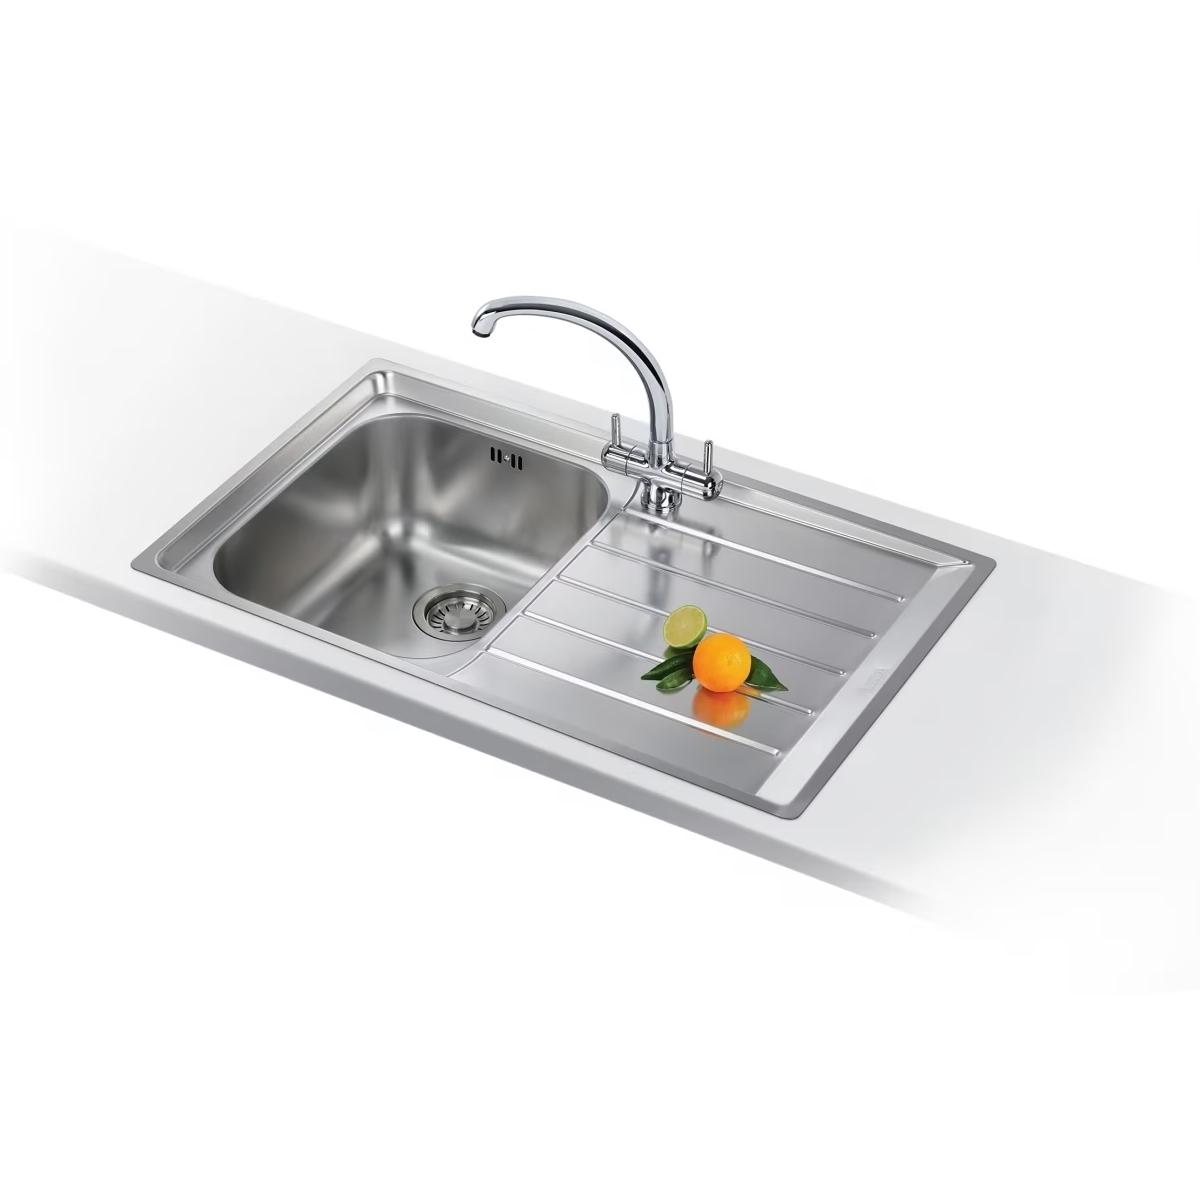 An image of Neptune Slim-top Nex Inset Kitchen Sink Nex 211  Rh Stainless Steel